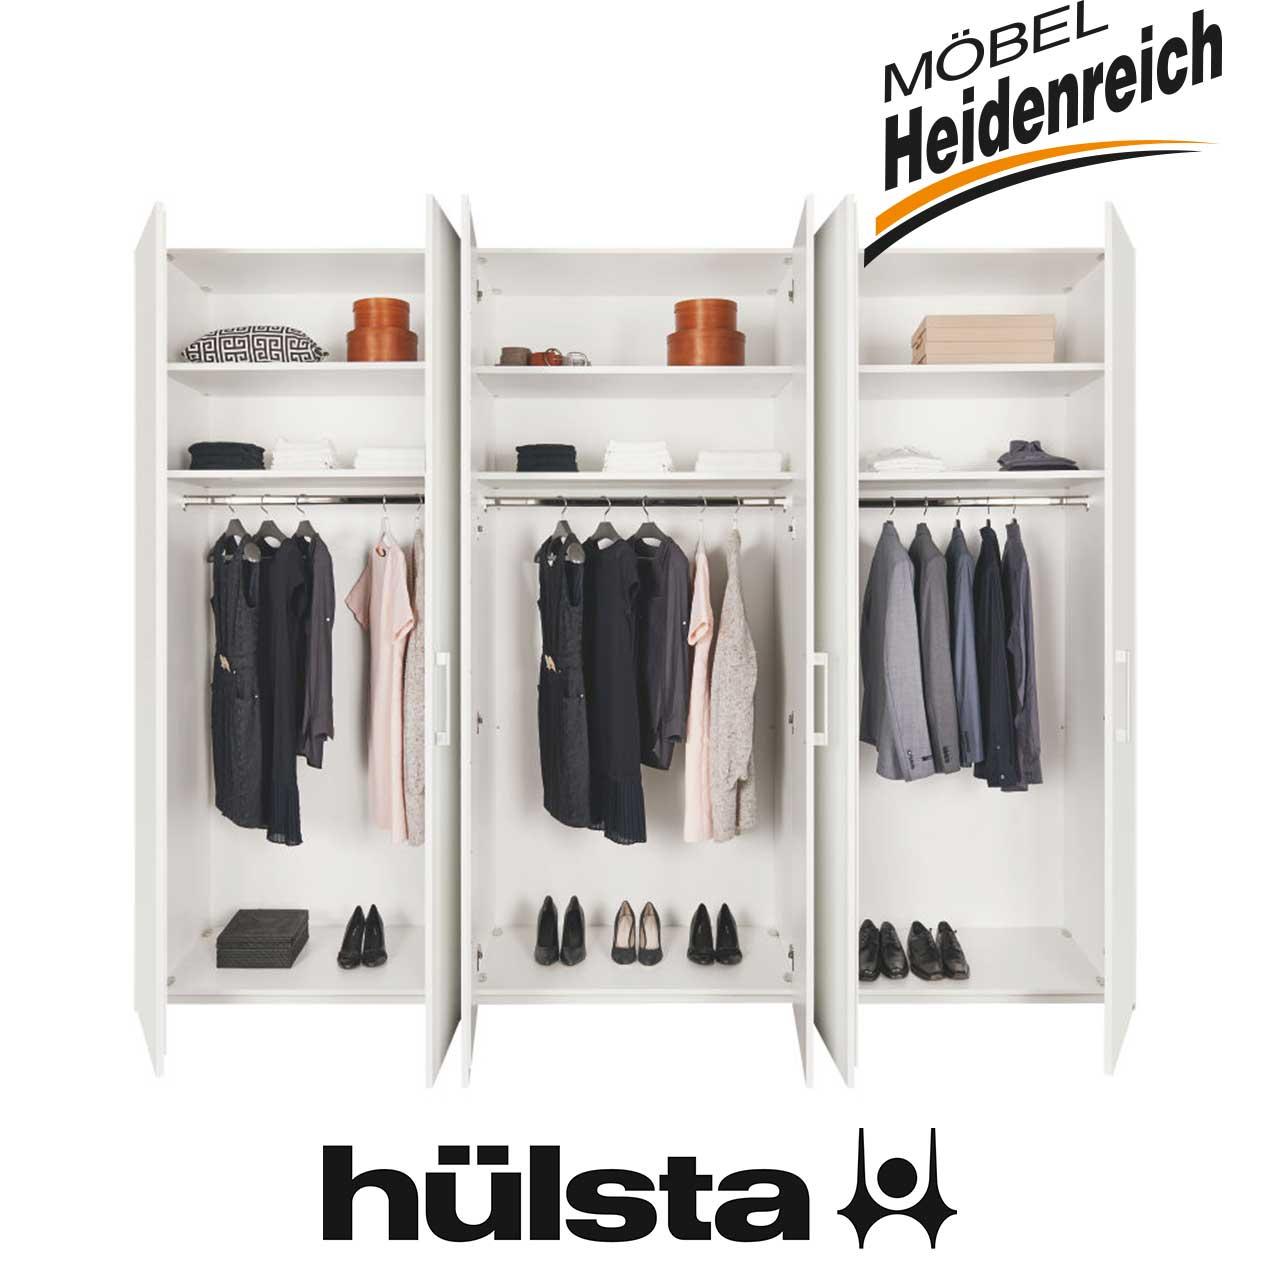 Hulsta Kleiderschrank Solo 986011 986012 Mobel Heidenreich